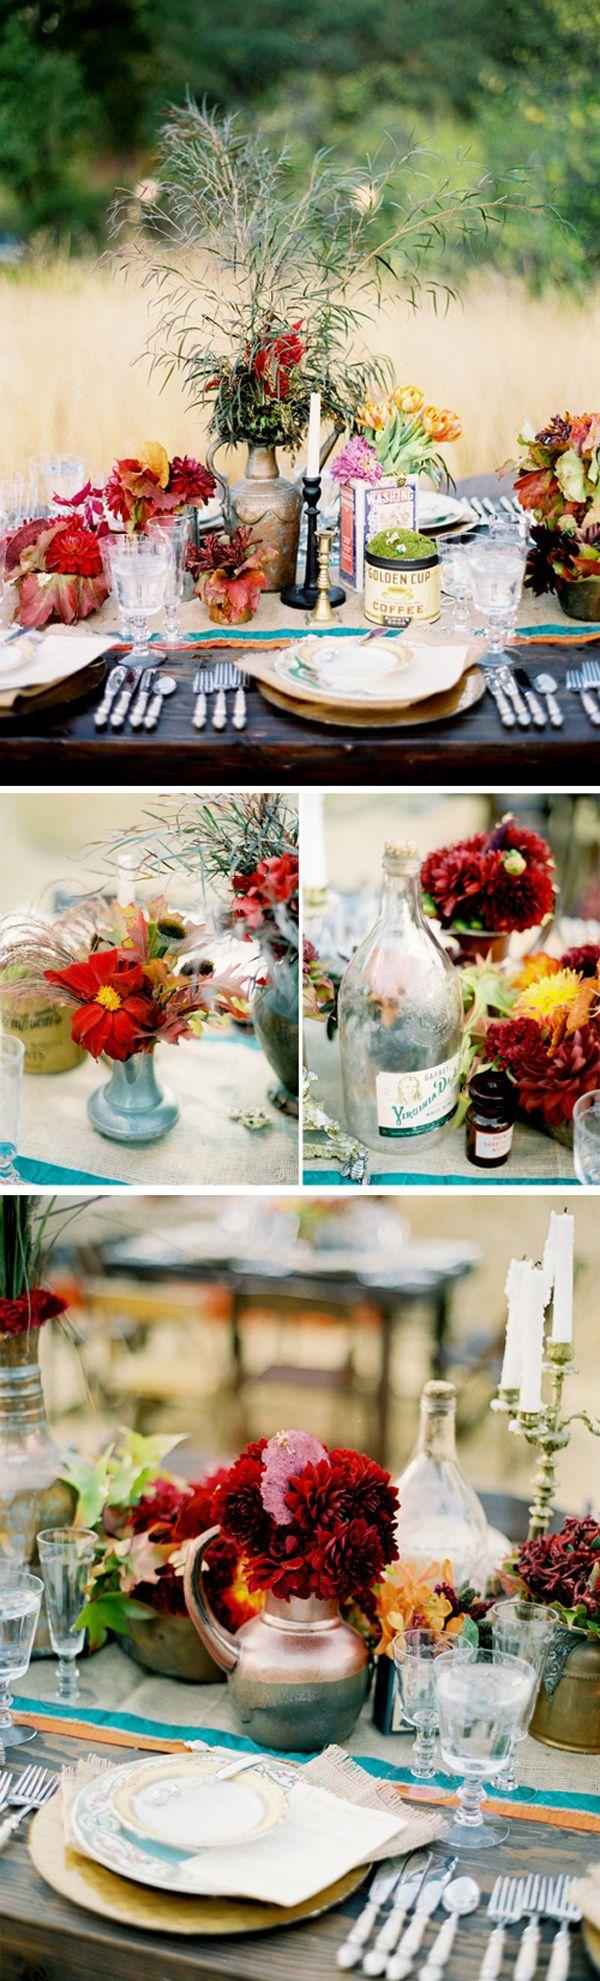 Decoreer je dinertafel helemaal in de herfst sfeer, prachtig!